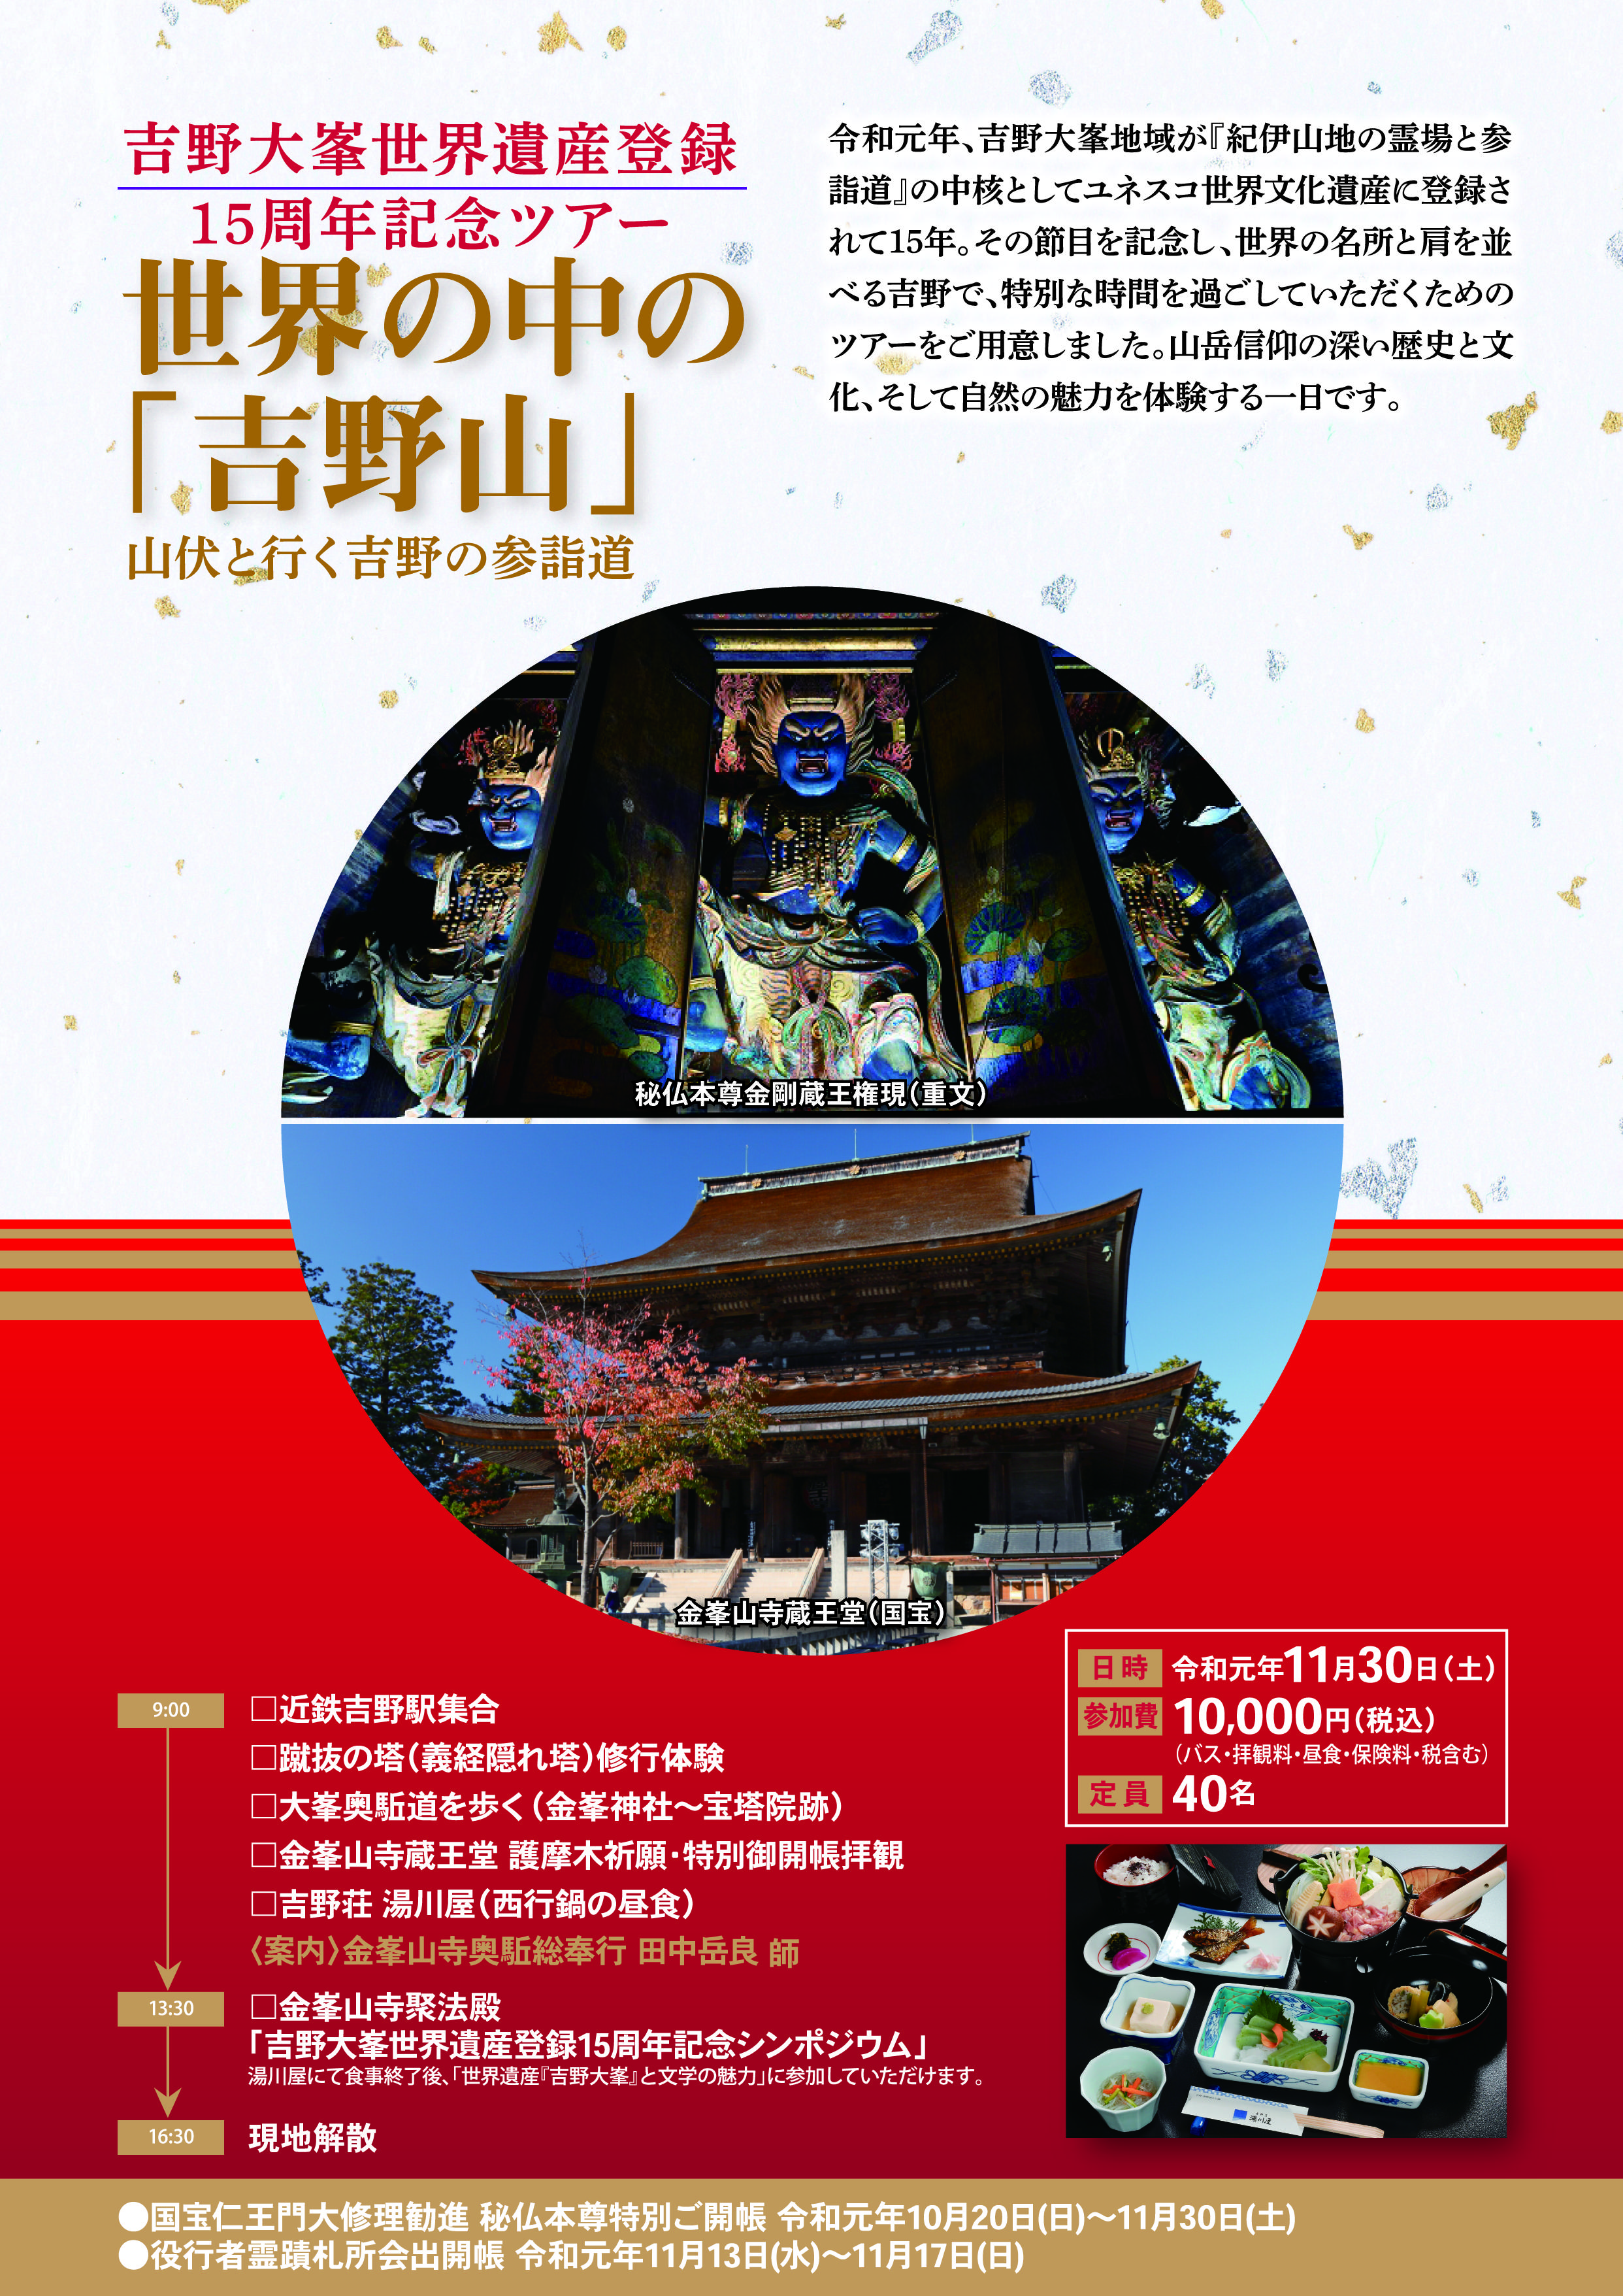 吉野大峯世界遺産登録15周年記念ツアー「世界の中の『吉野山』 山伏と行く吉野の参詣道」